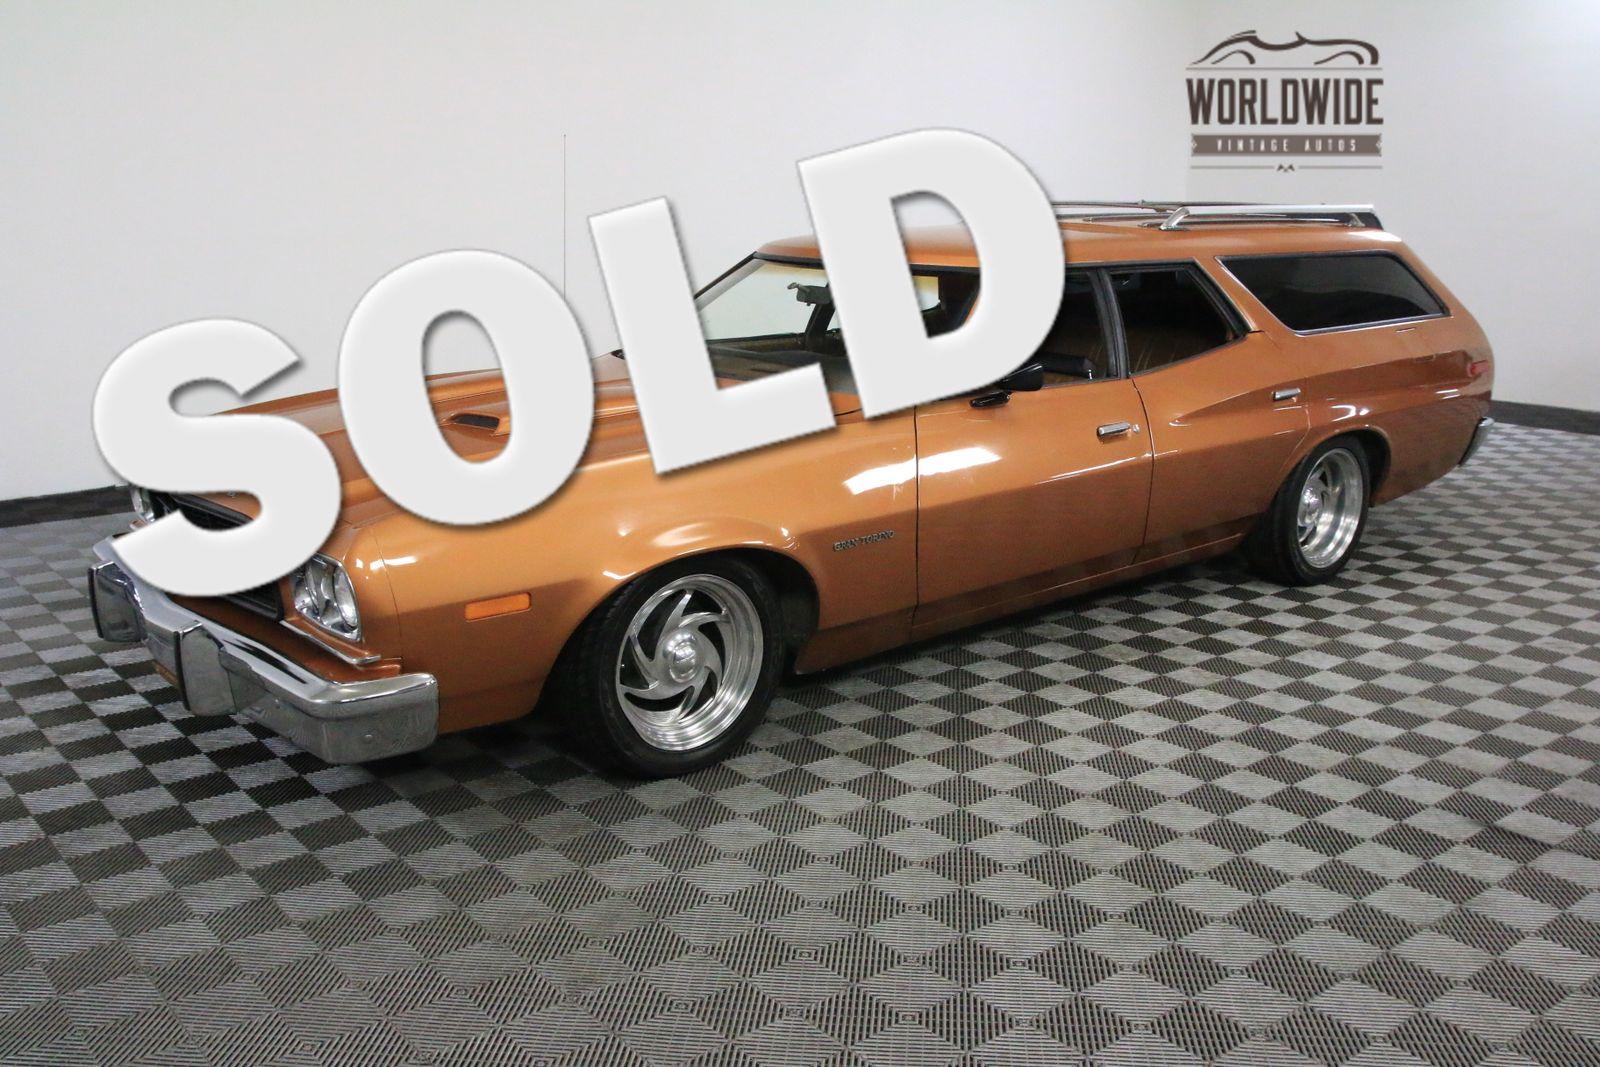 1973 Orange Rare V8 Wagon Auto Used Ford Torino For Sale In Denver Colorado Usa Vehicles